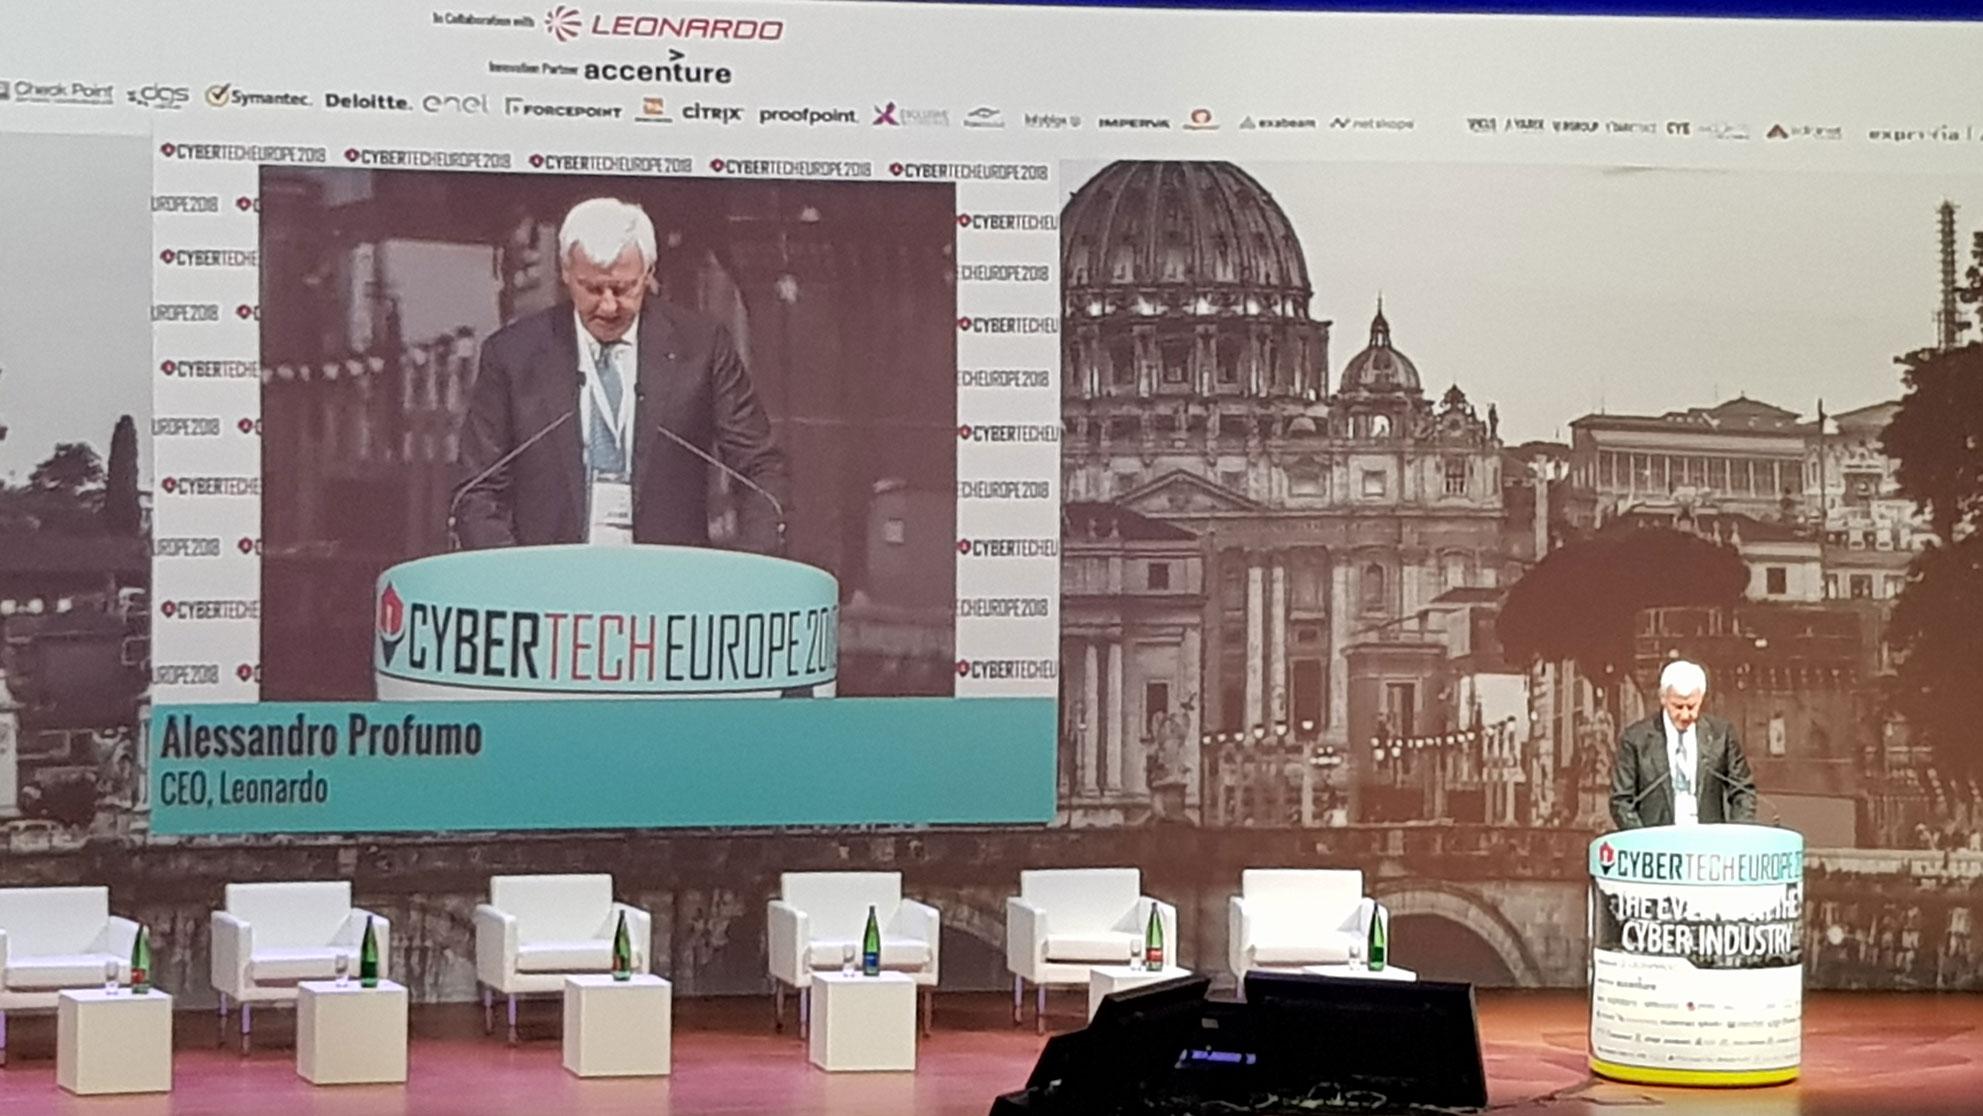 Cybertech Europe 2018 - Alessandro Profumo, Ceo di Leonardo